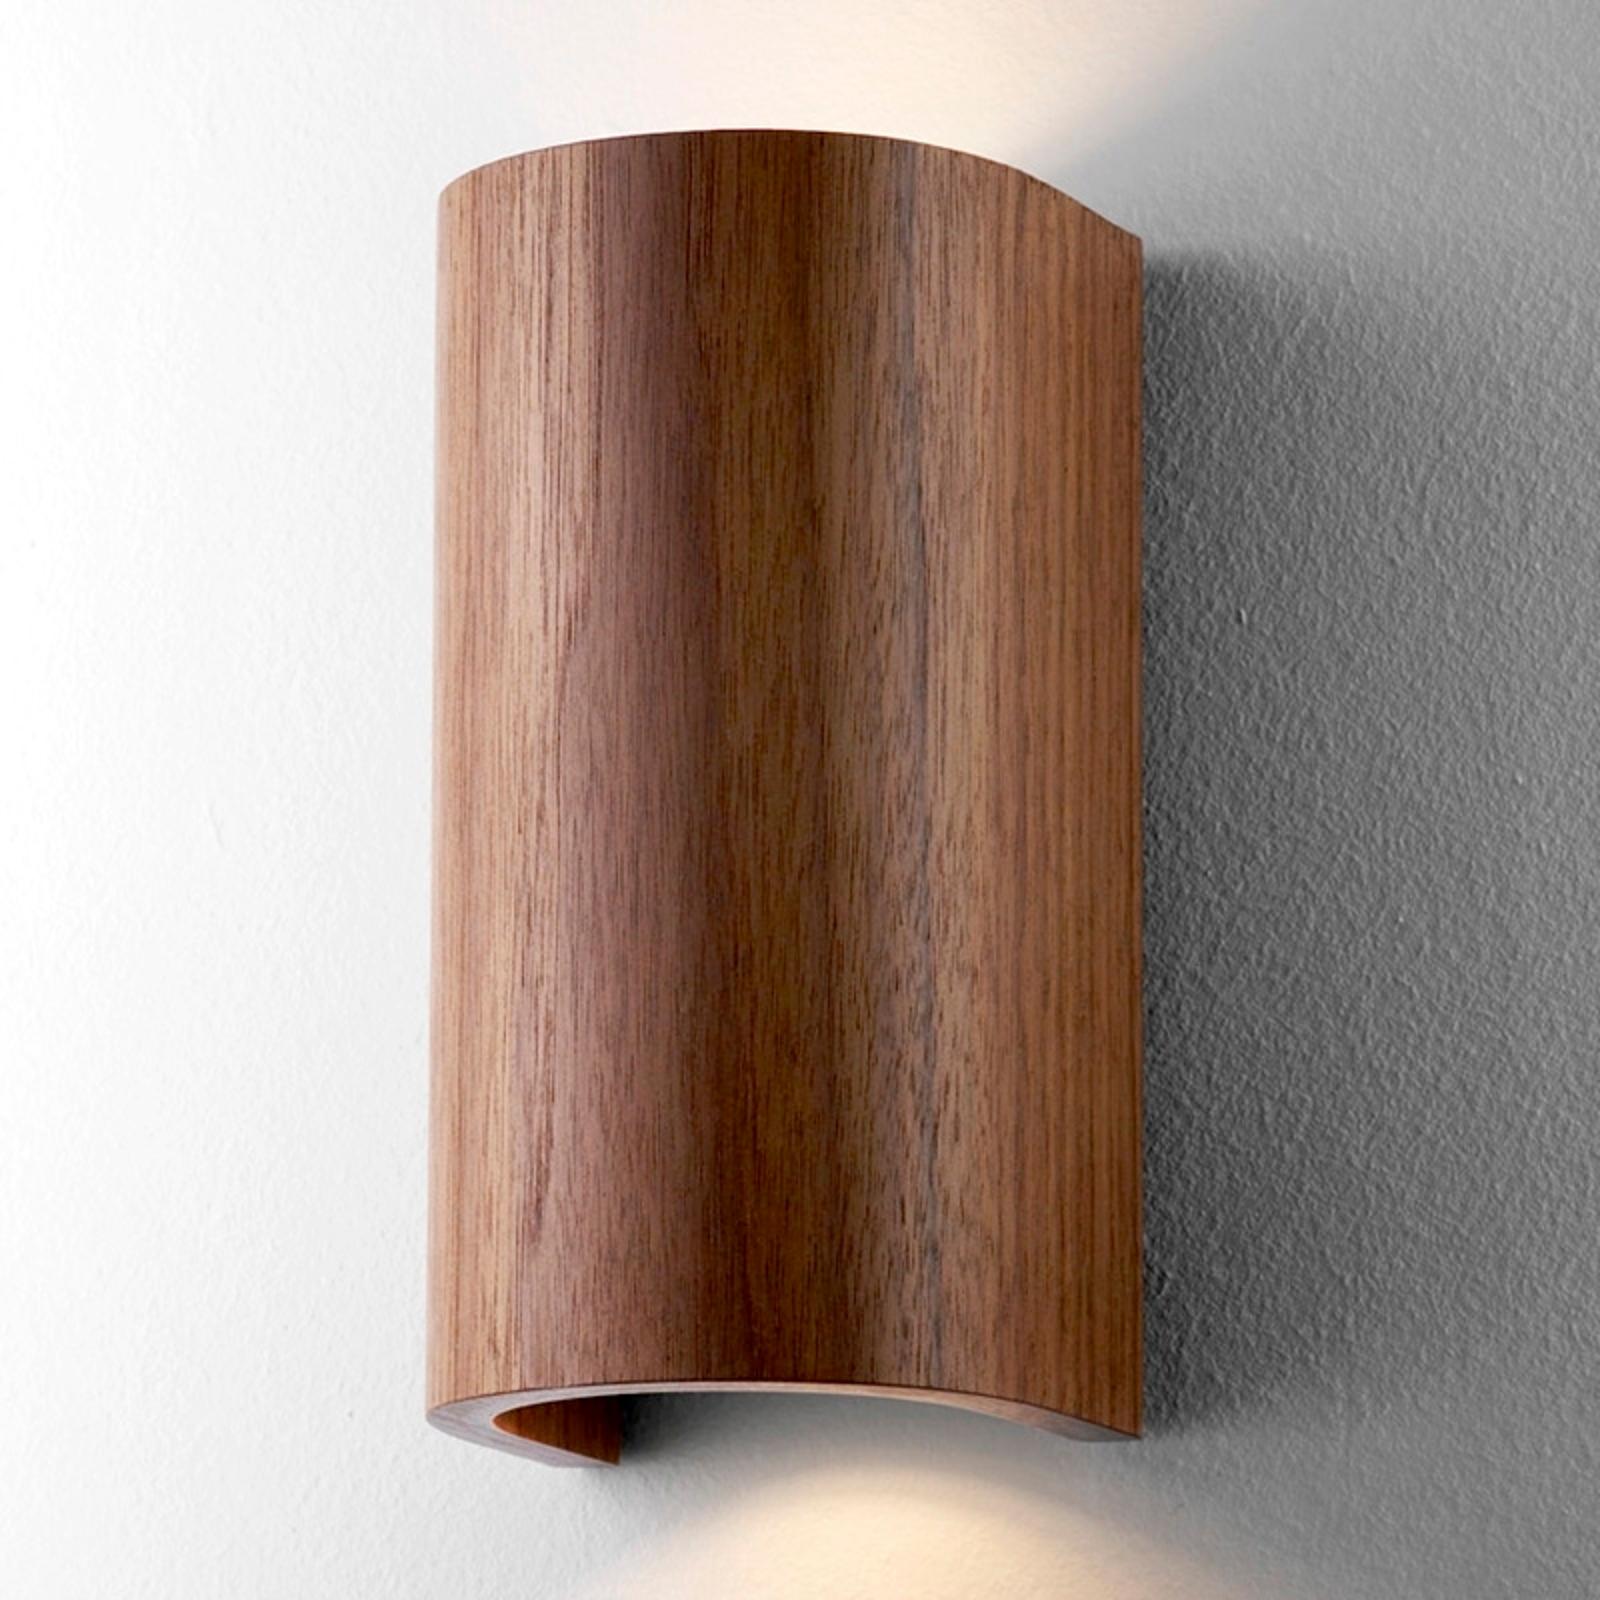 Elegant wall light Tube, 17.5 cm_2600273_1